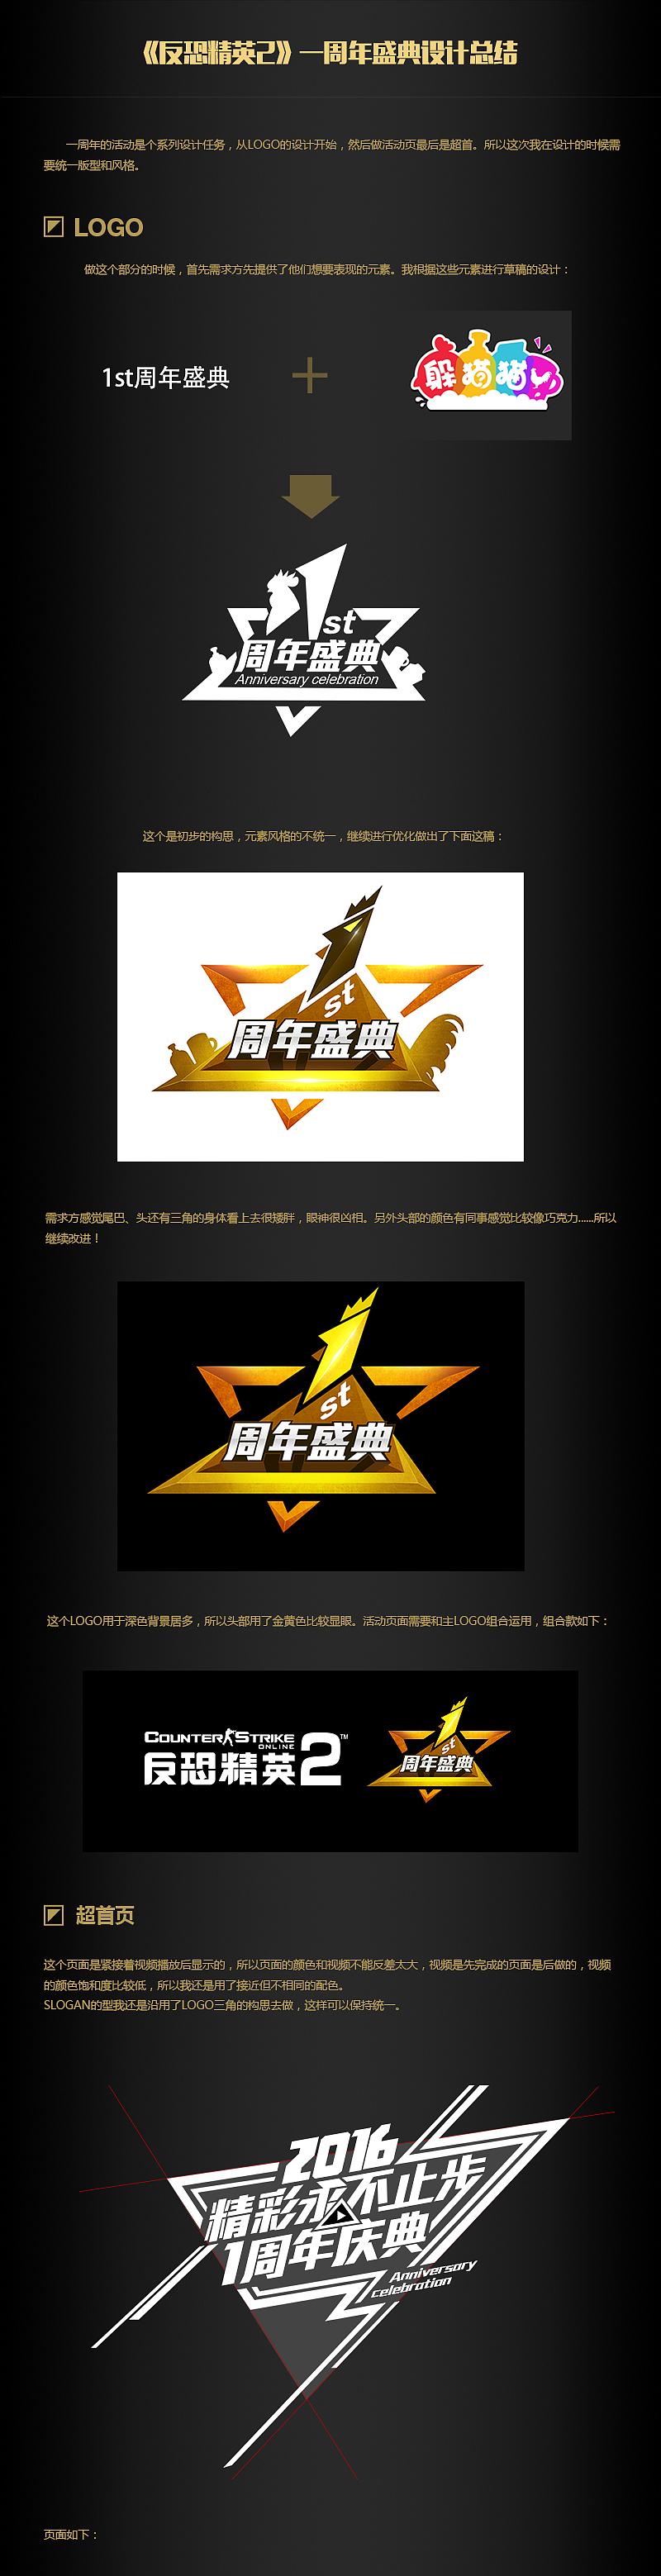 游戏满一周年做的系列活动,包括了logo,超图片